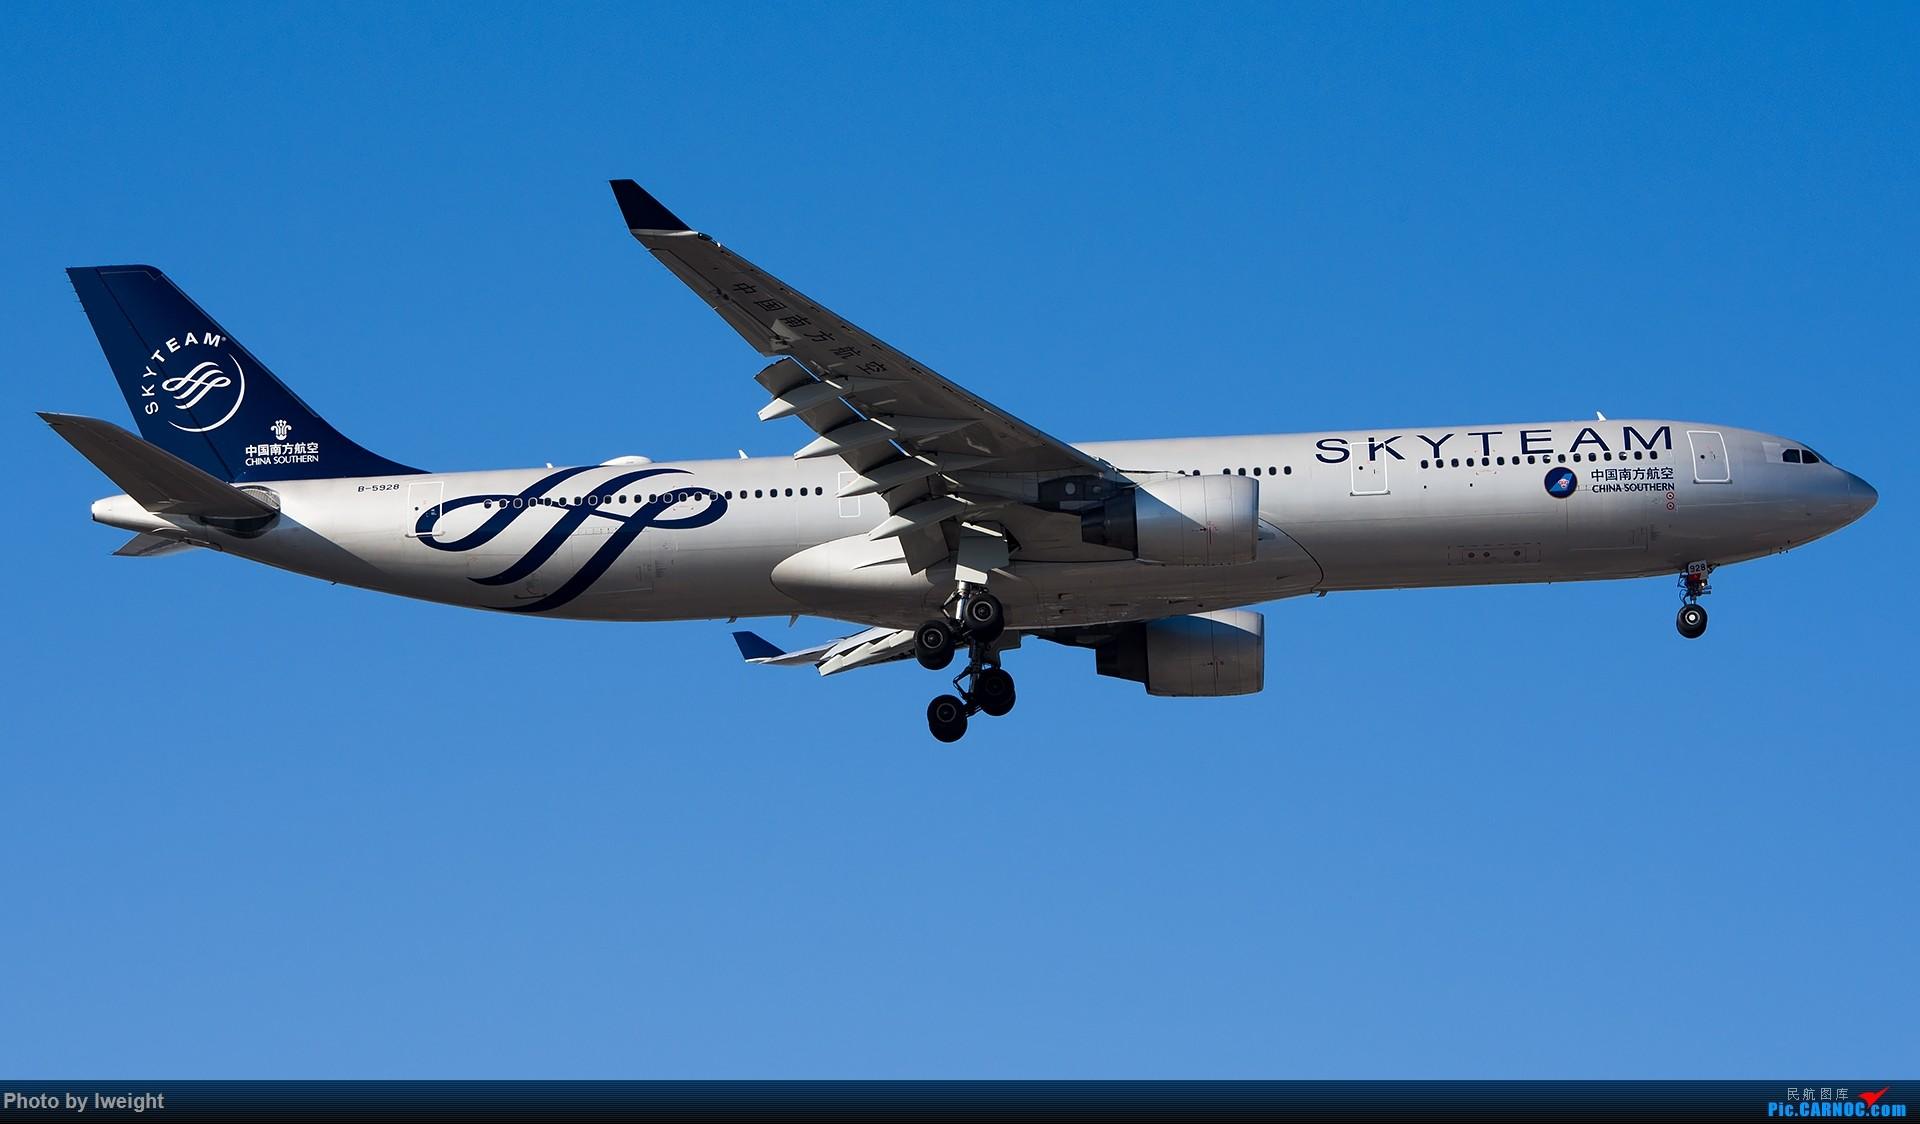 Re:[原创]又见蓝月亮 AIRBUS A330-300 B-5928 中国北京首都国际机场